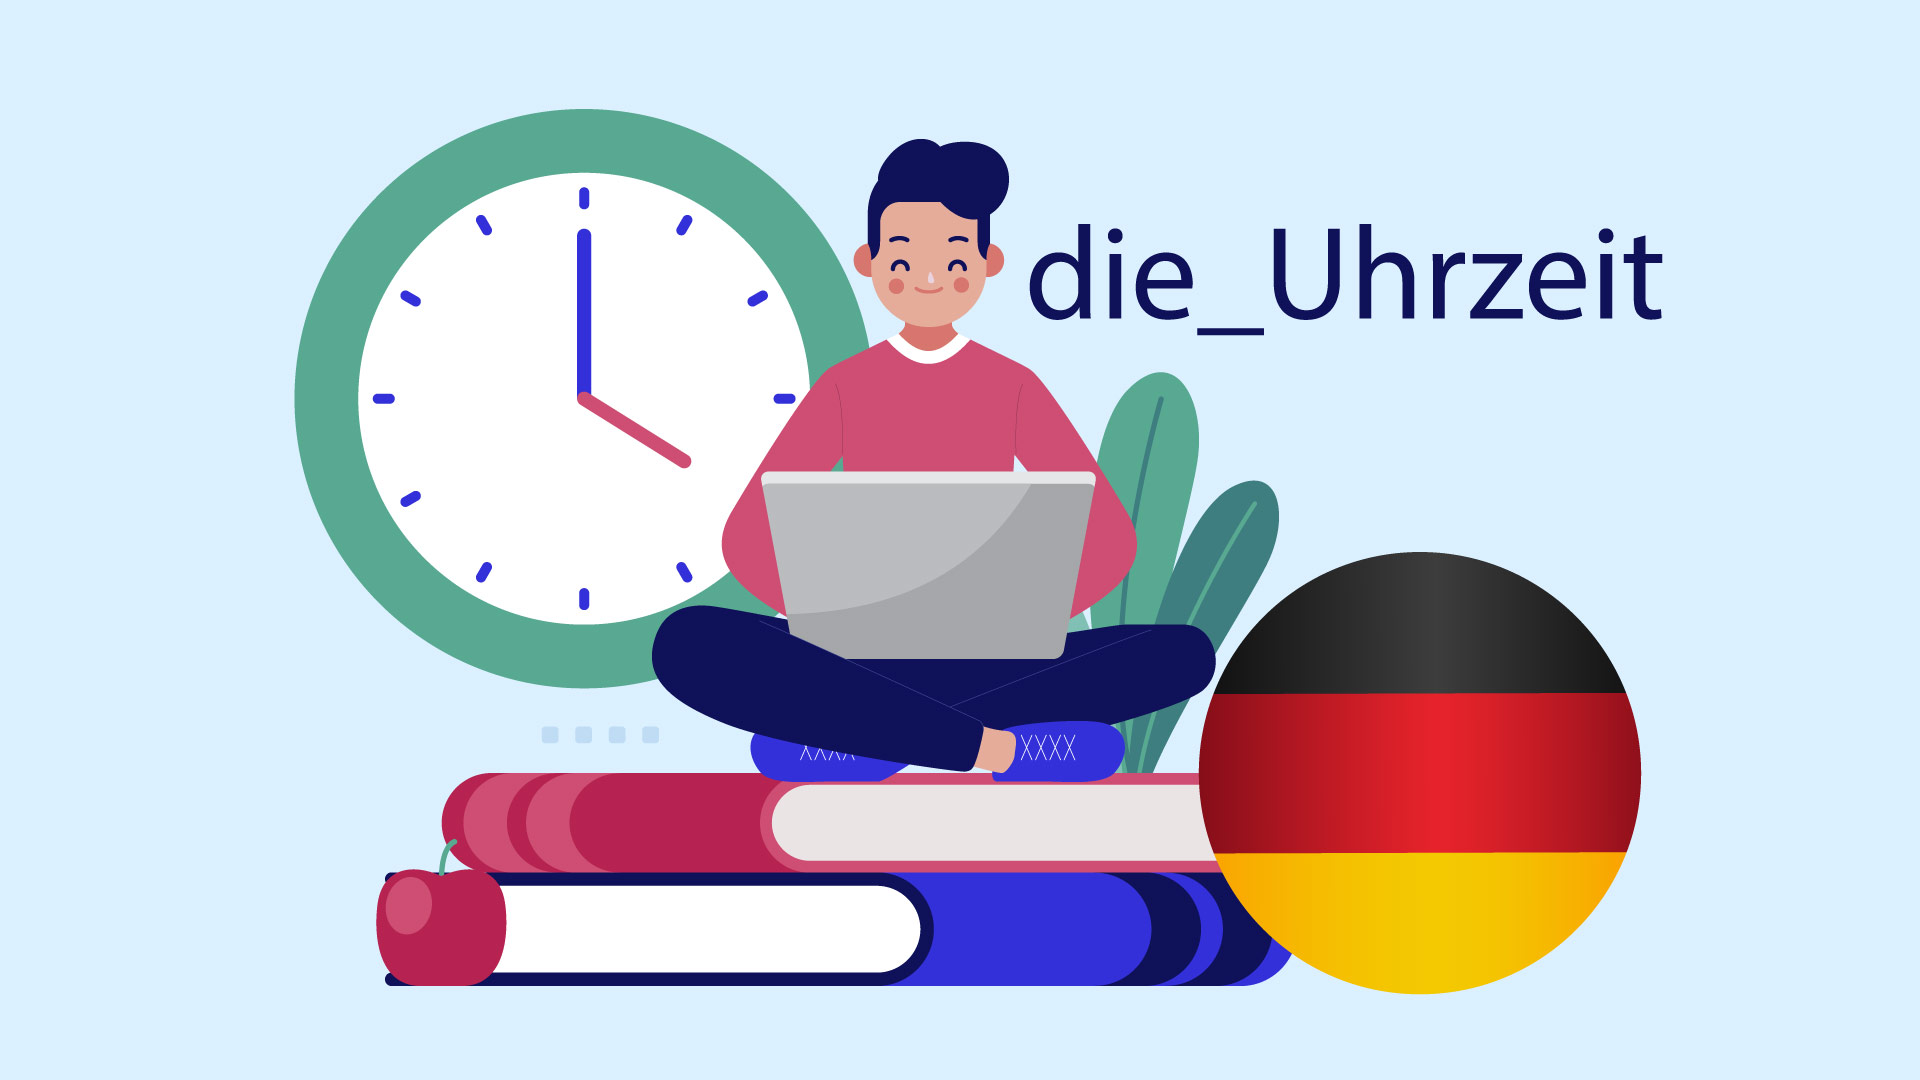 ساعت در زبان آلمانی — آموزک [ویدیوی آموزشی]